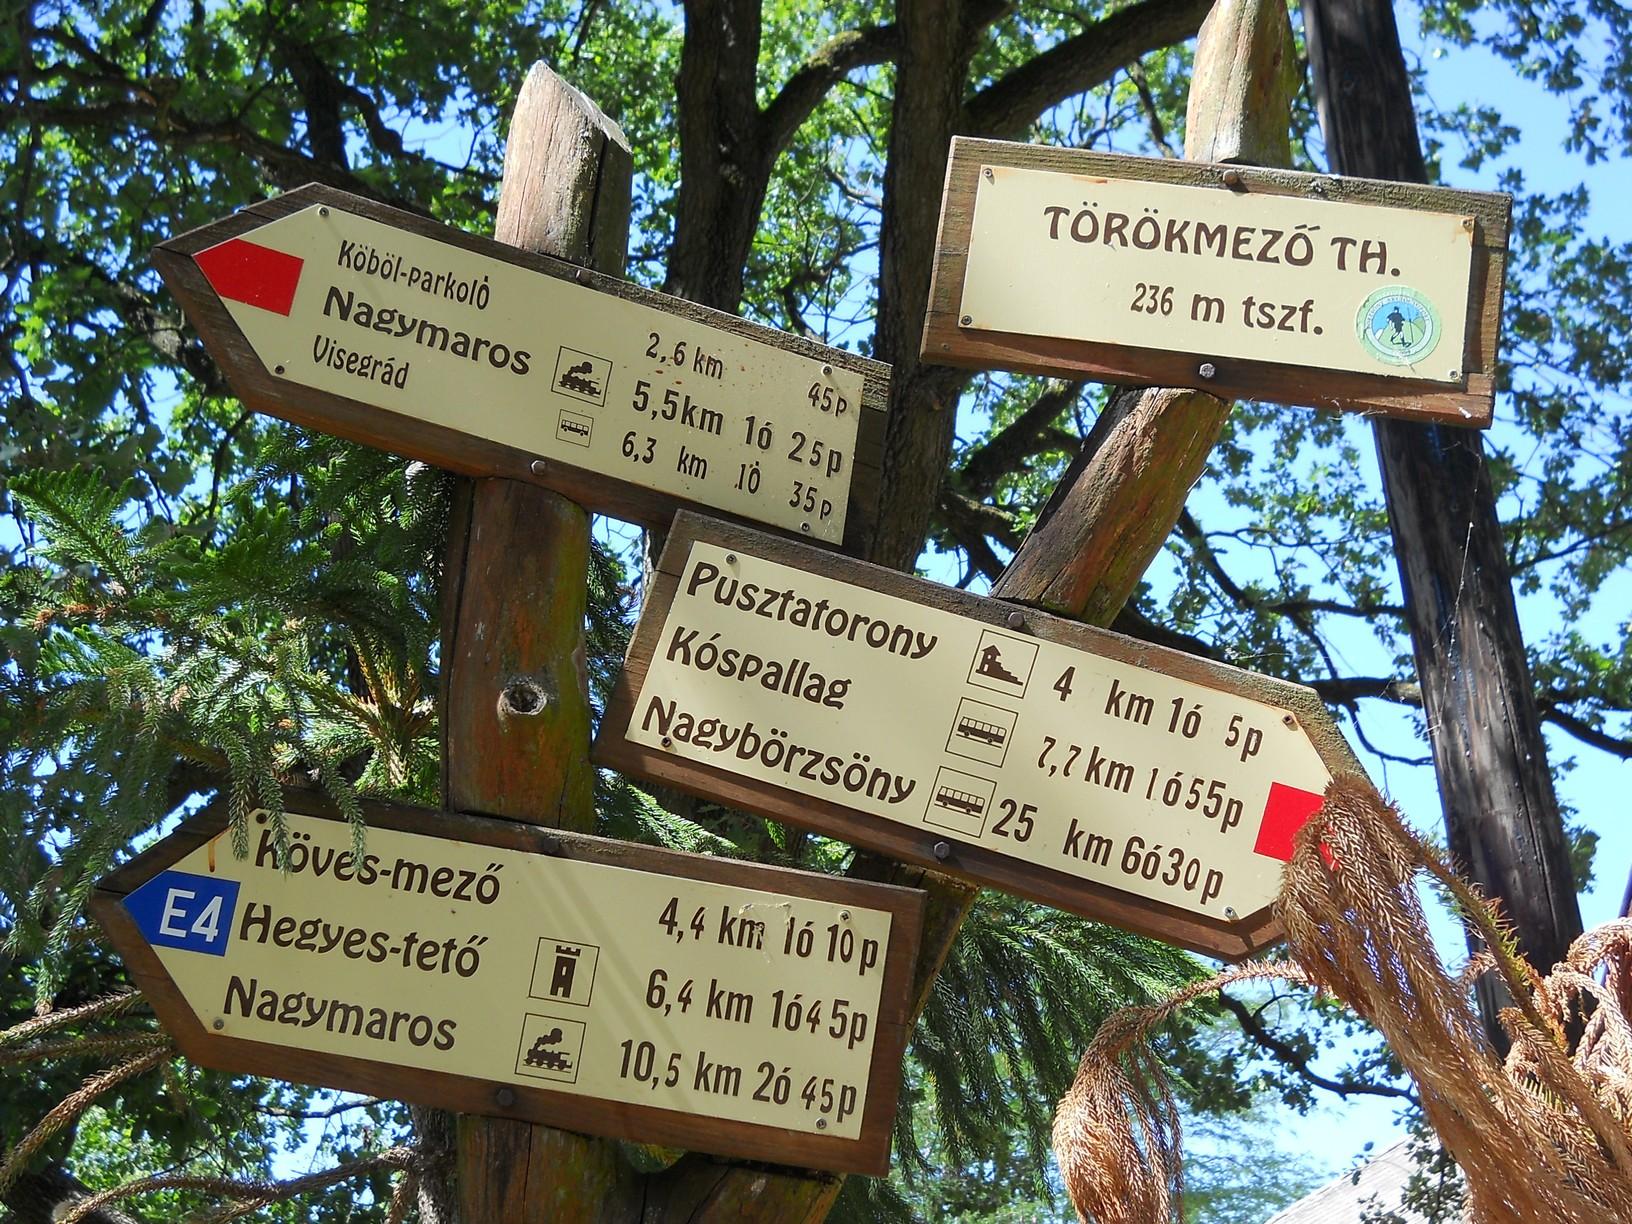 Útelágazás a törökmezői turistaháznál, amely OKT-pecsételőhely